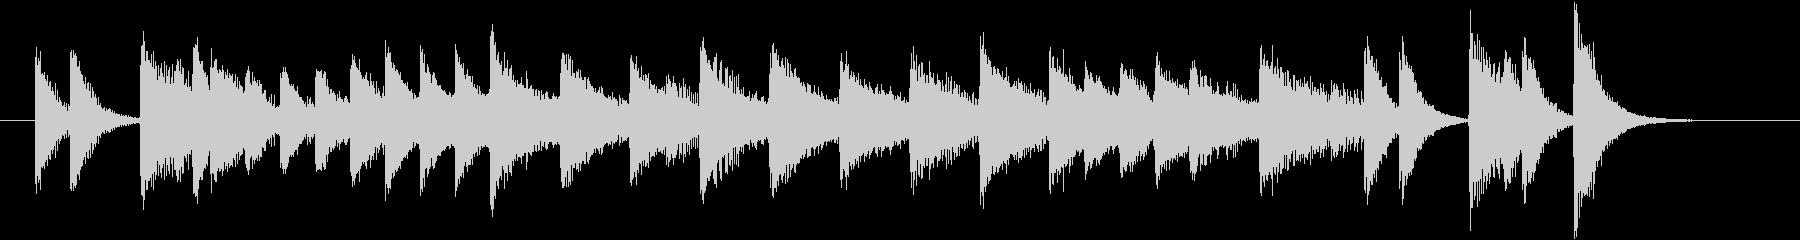 レトロ曲調のワクワクするピアノジングルの未再生の波形